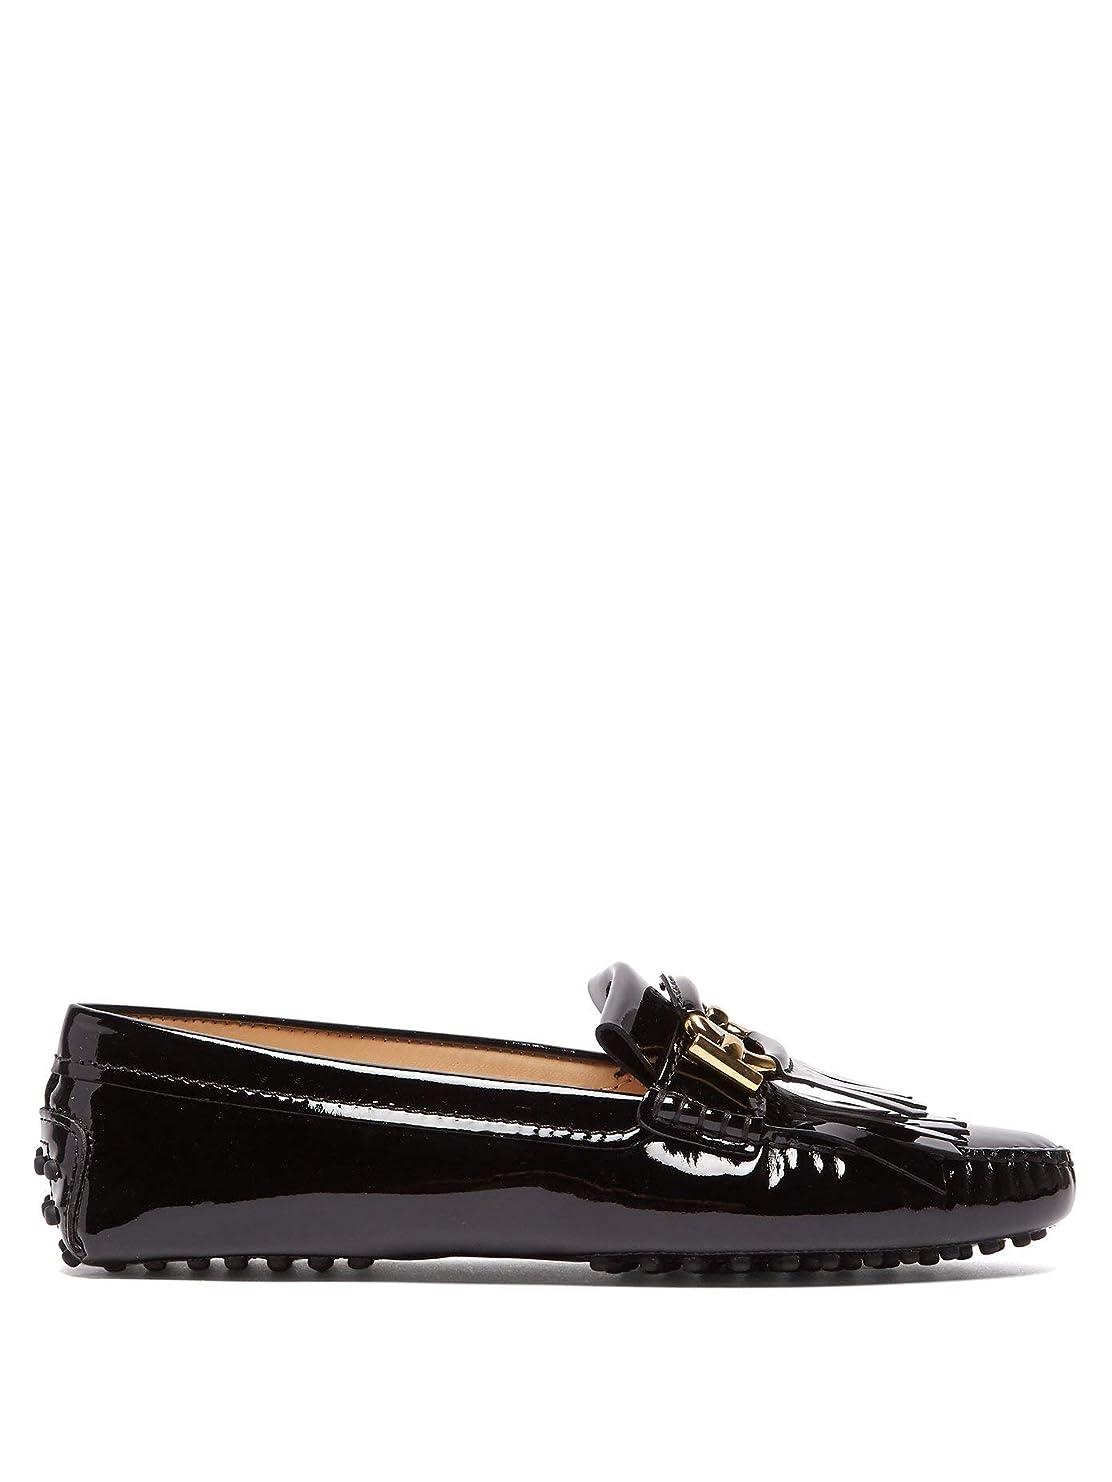 タンク後者好き[トッズ] レディース シューズ?靴 ローファー?オックスフォード Gommino patent-leather loafers (並行輸入品)